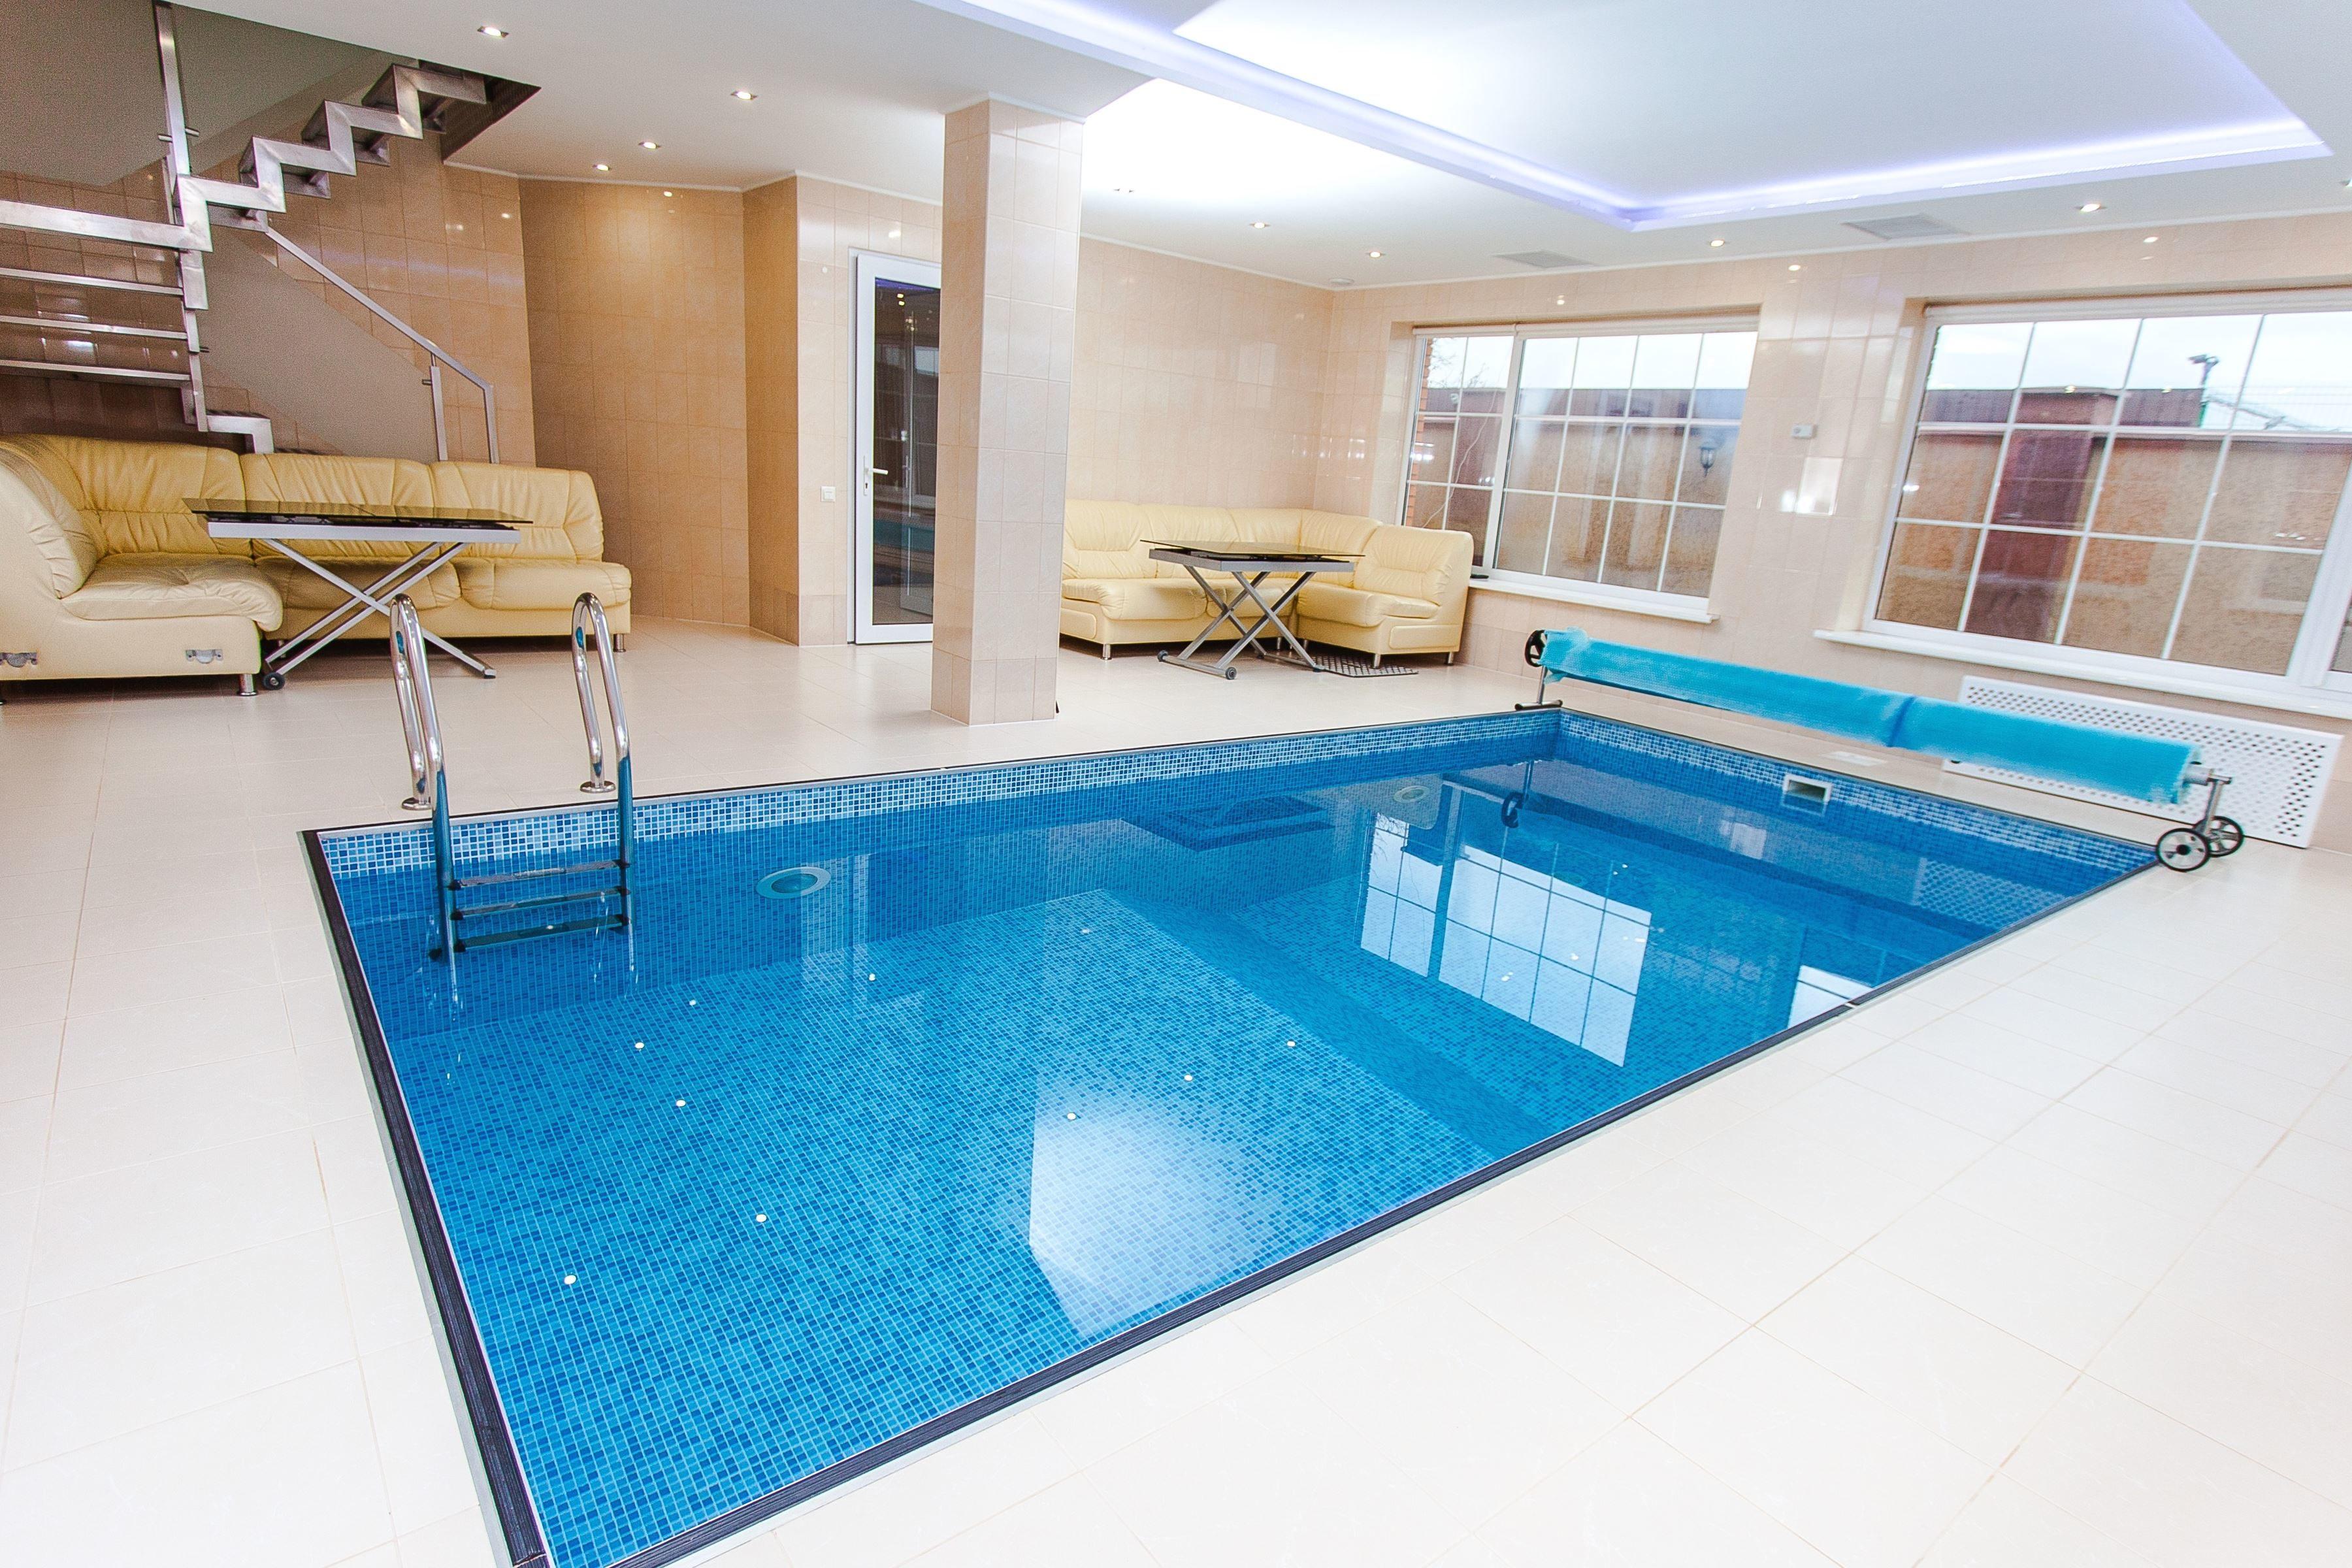 Fenster innenraum  Kostenlose Bild: Schwimmbad, Innenraum, Wasser, Luxus, Leiter ...